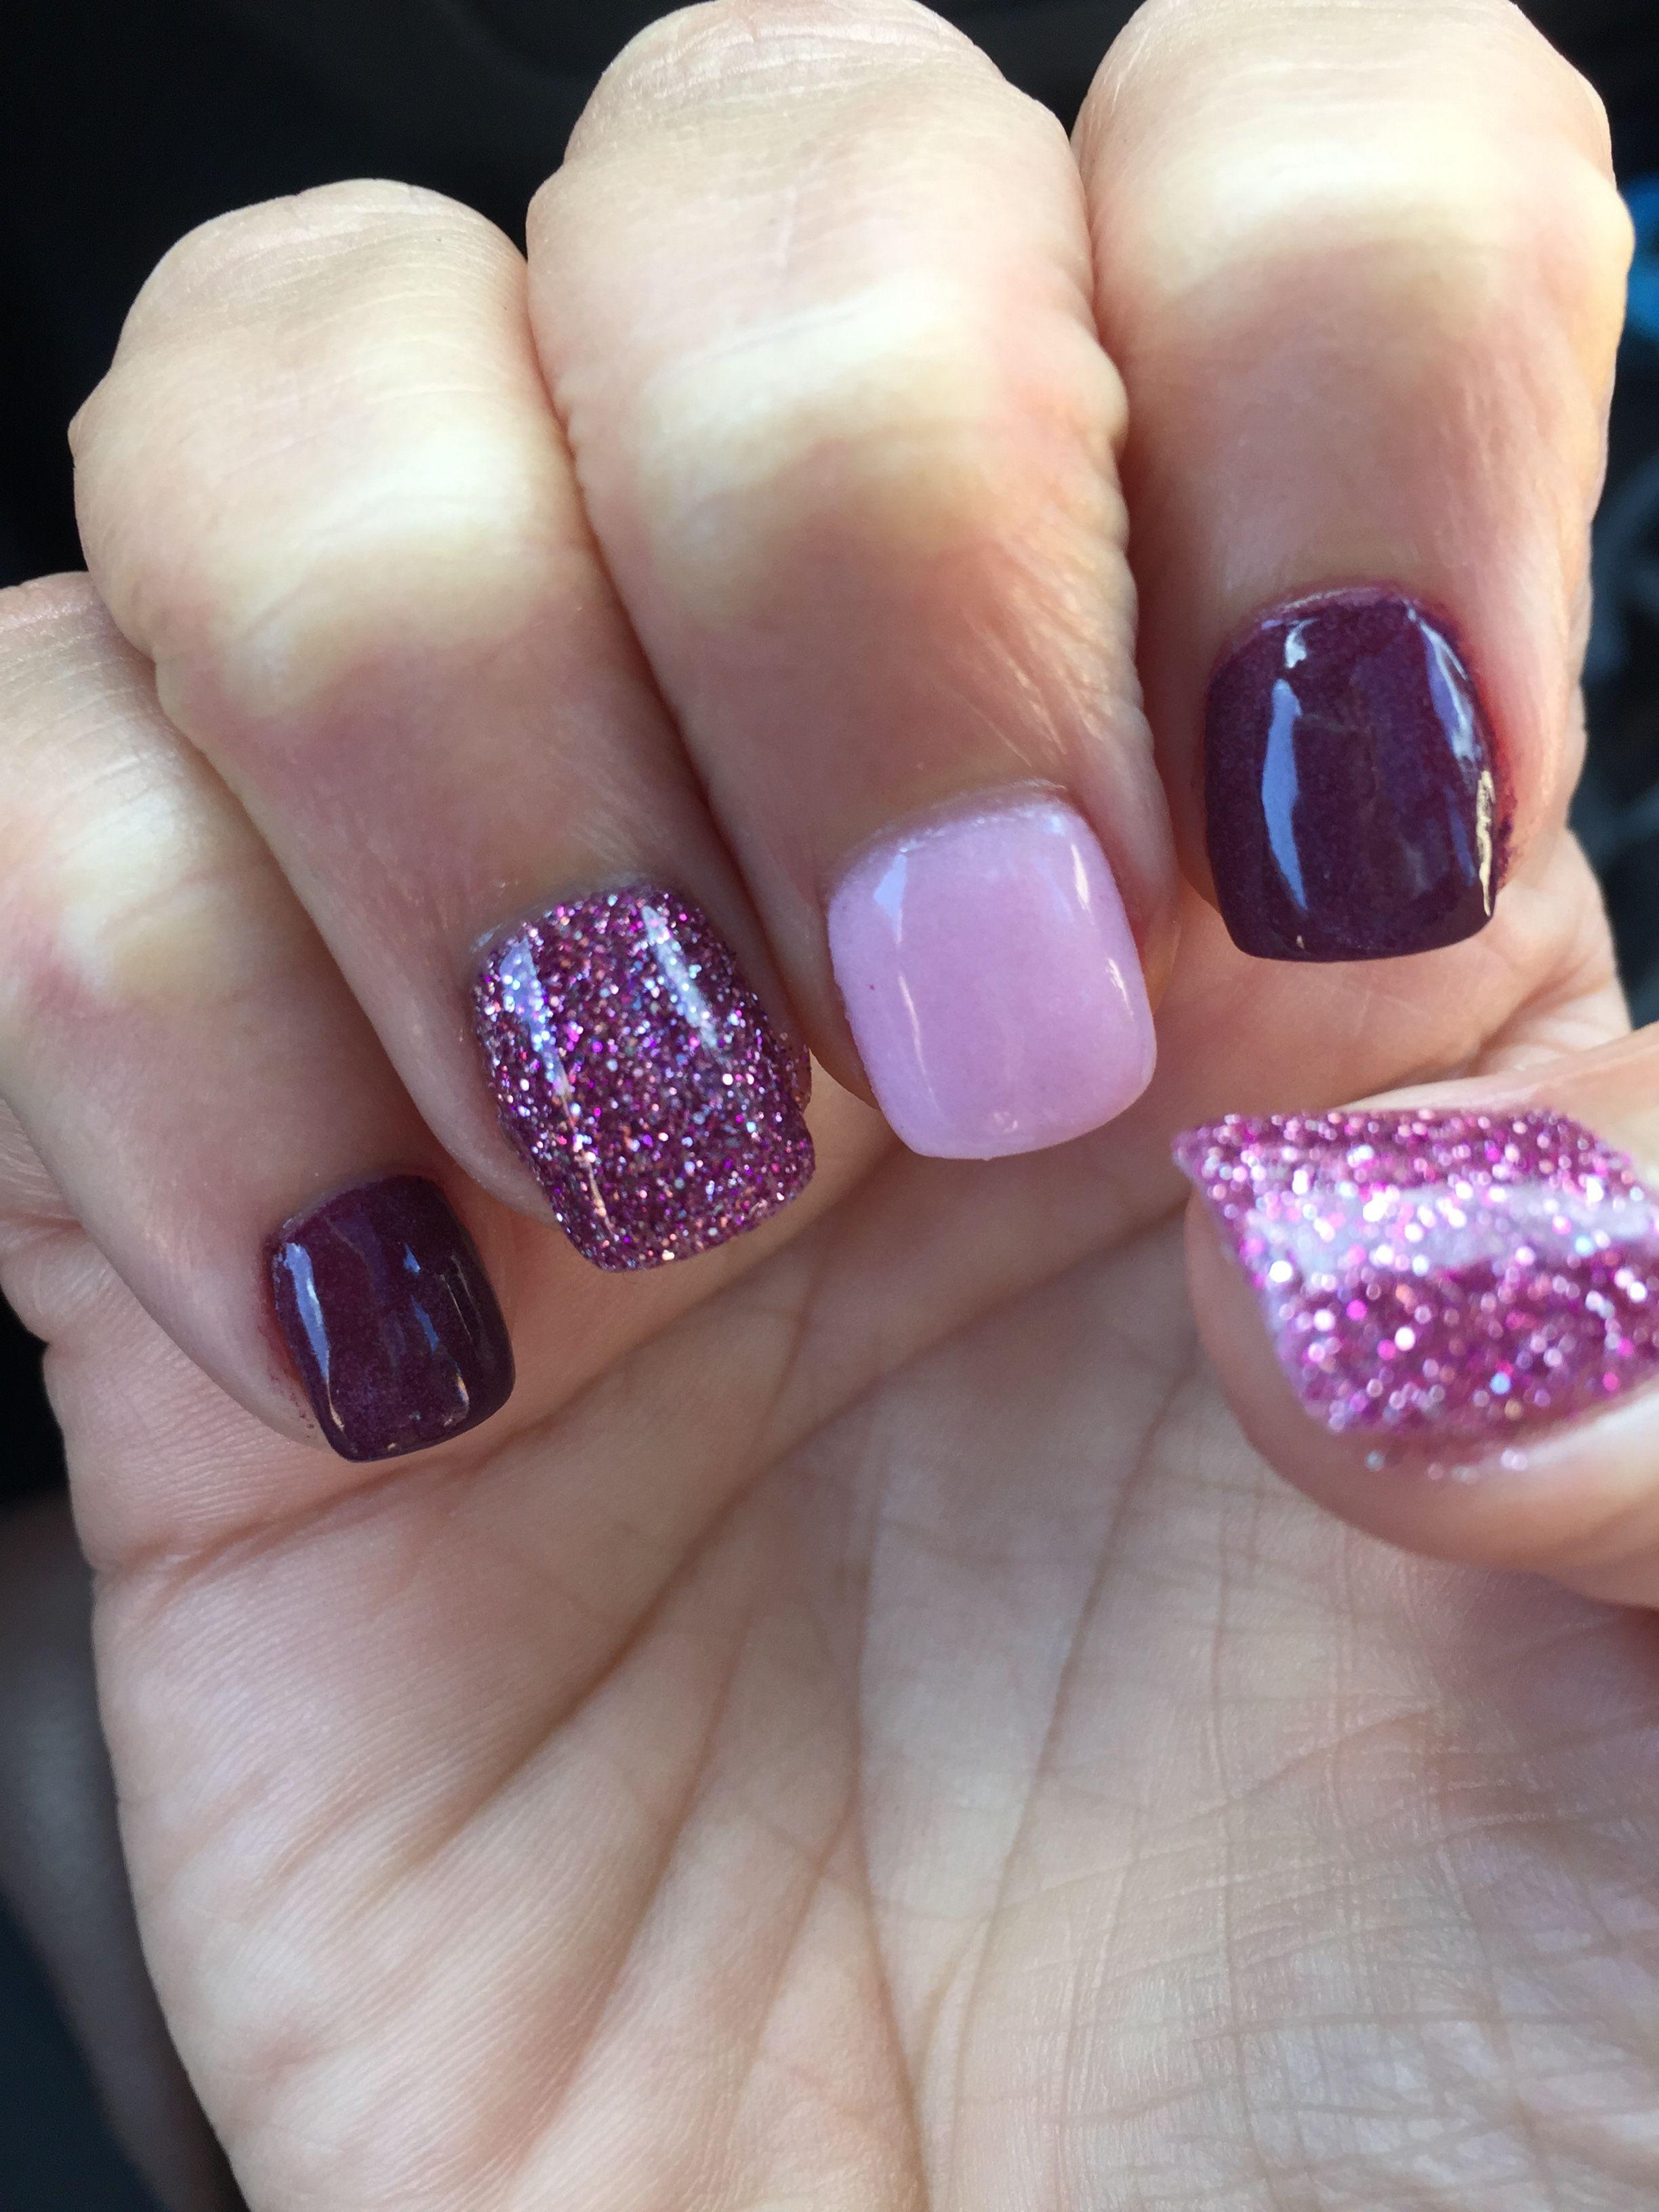 Pin on Nails and Make Up